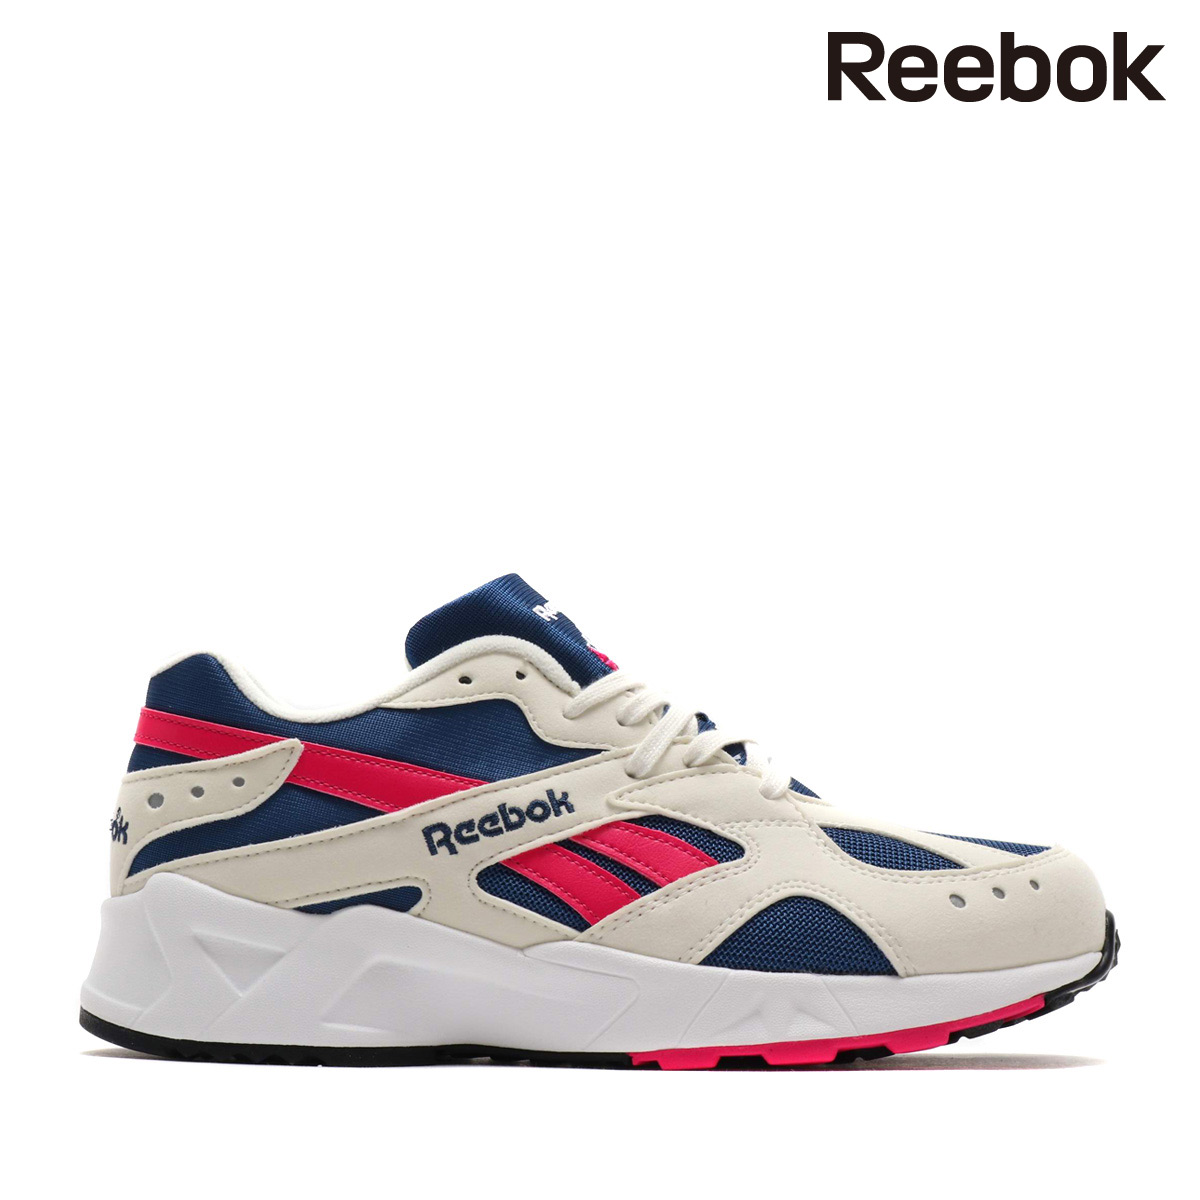 Reebok AZTREK OG (CHALK COLLEGE ROYAL BRIGHT LIGHT ROSE WHITE) (Reebok as  trek OG) 8e3237e39